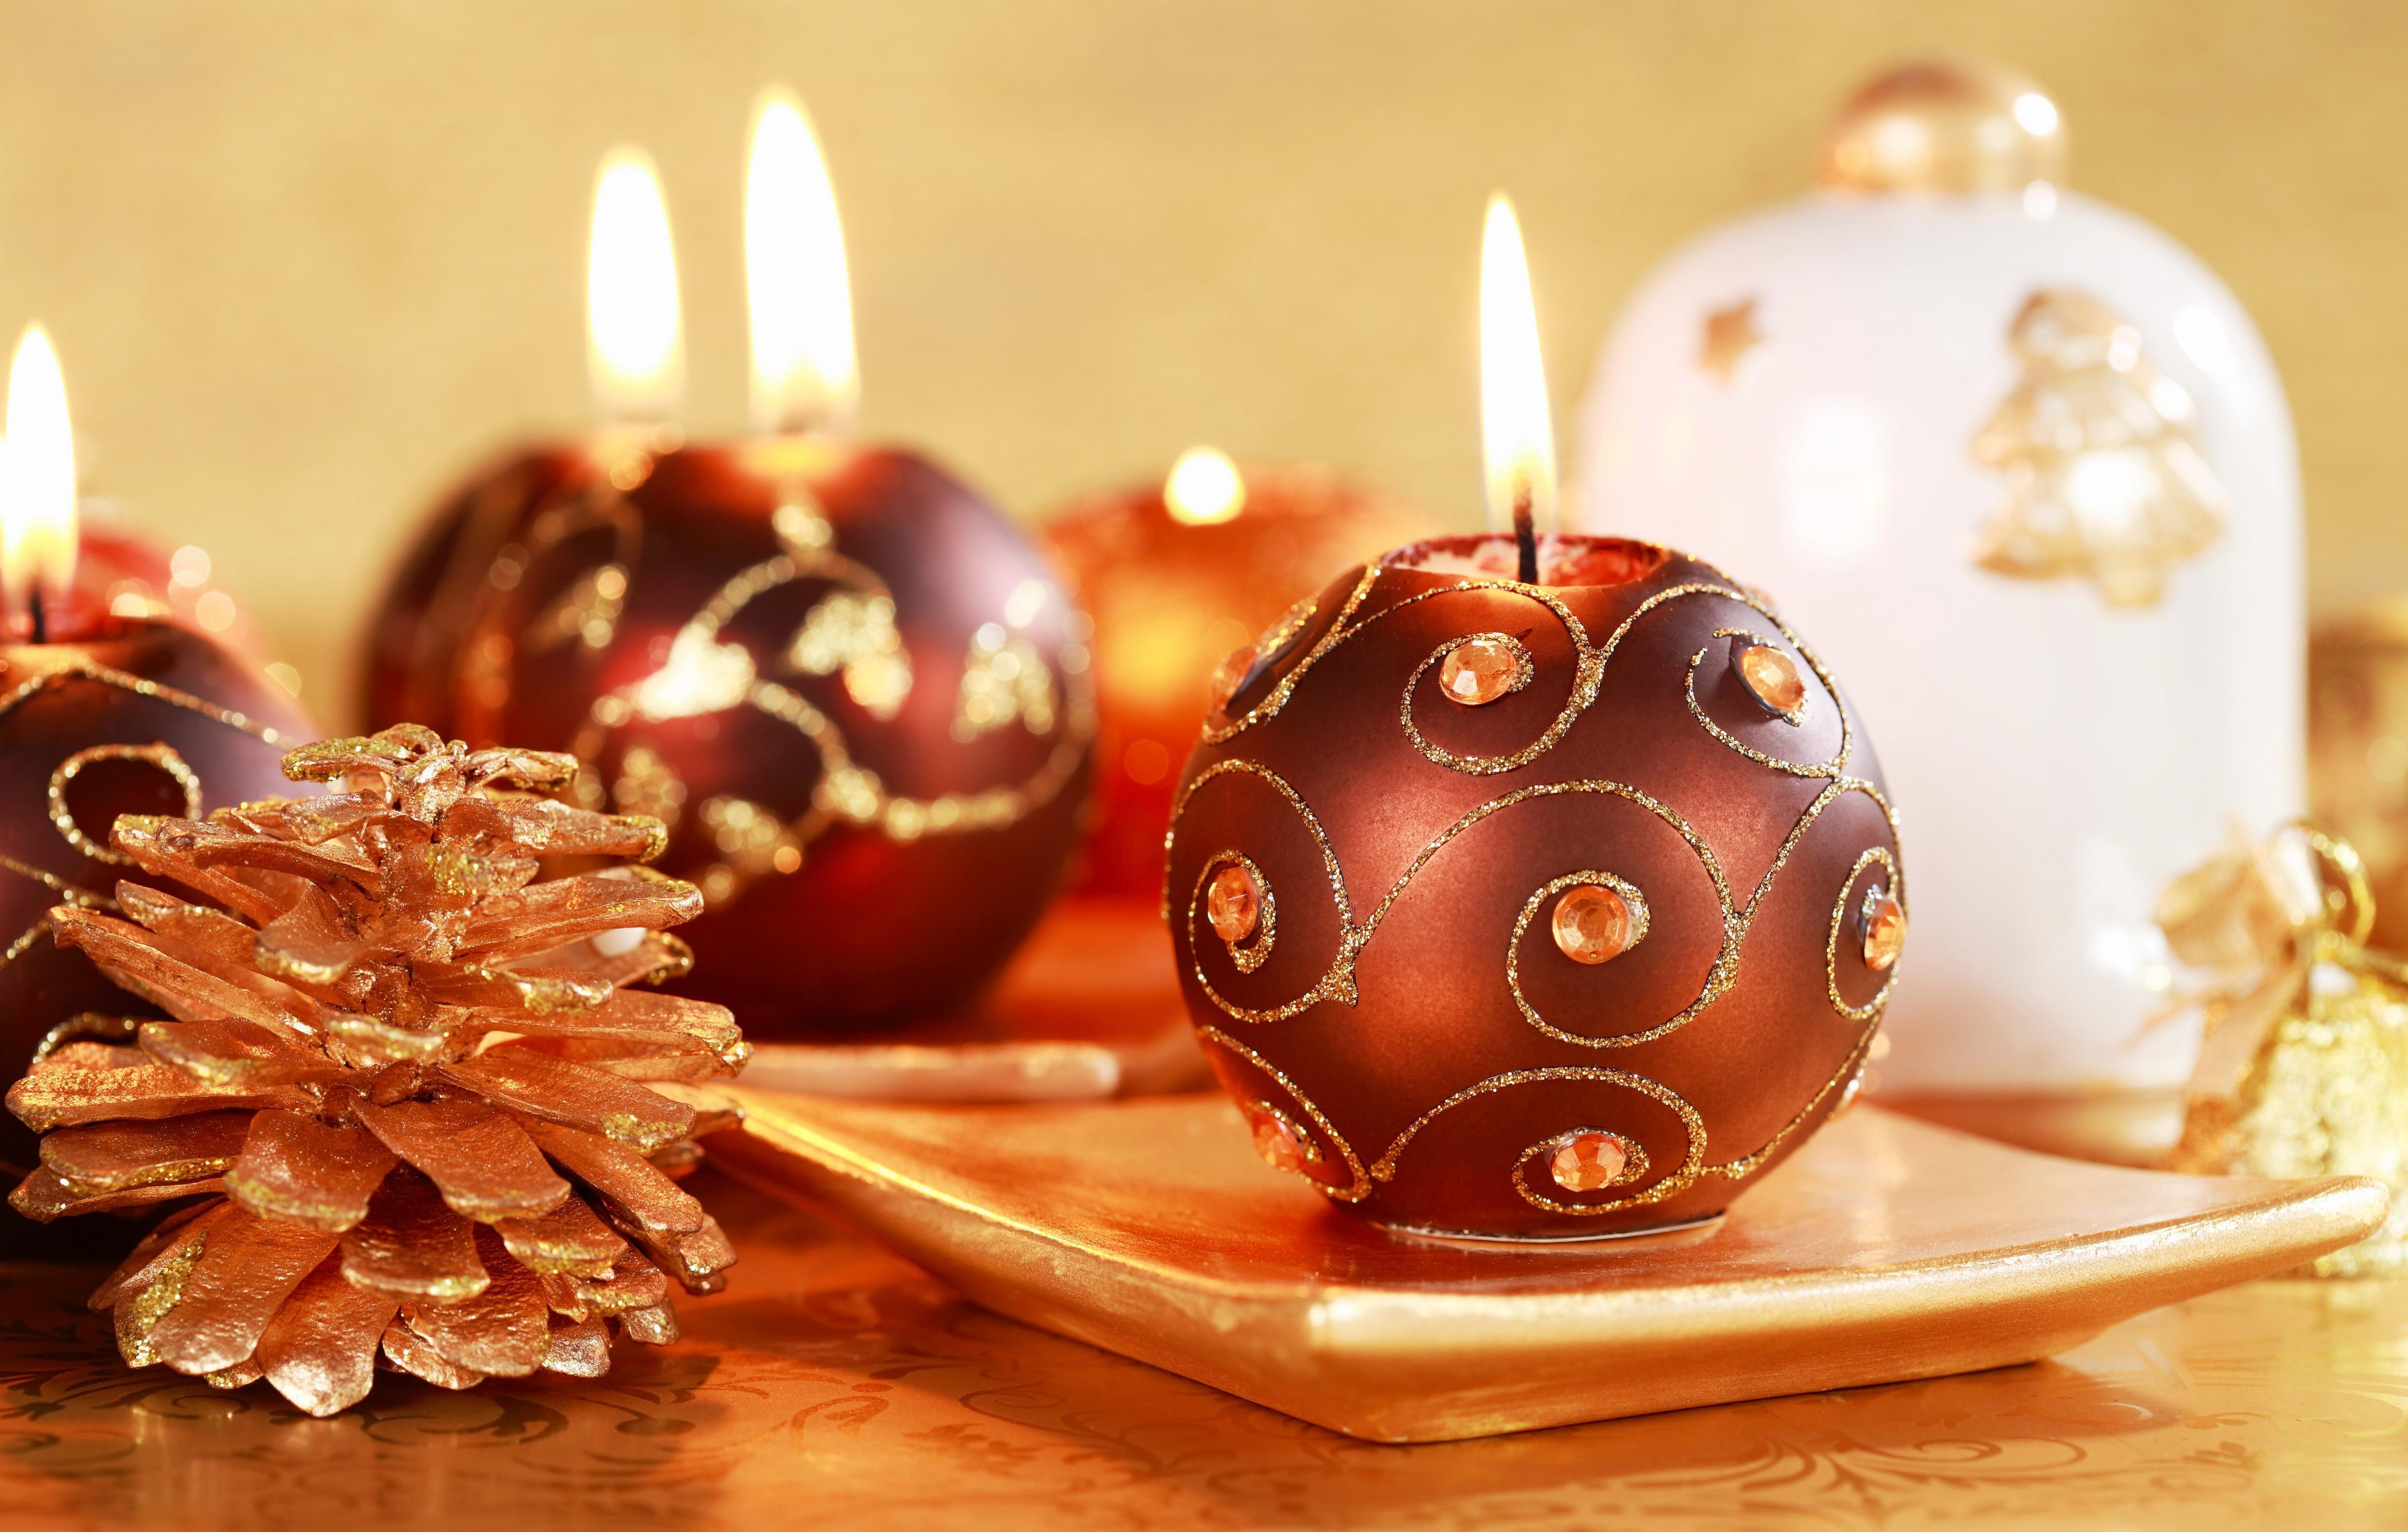 Vela Navidad Fondo De Pantalla De Navidad Con Velas Y Adornos - Velas-de-navidad